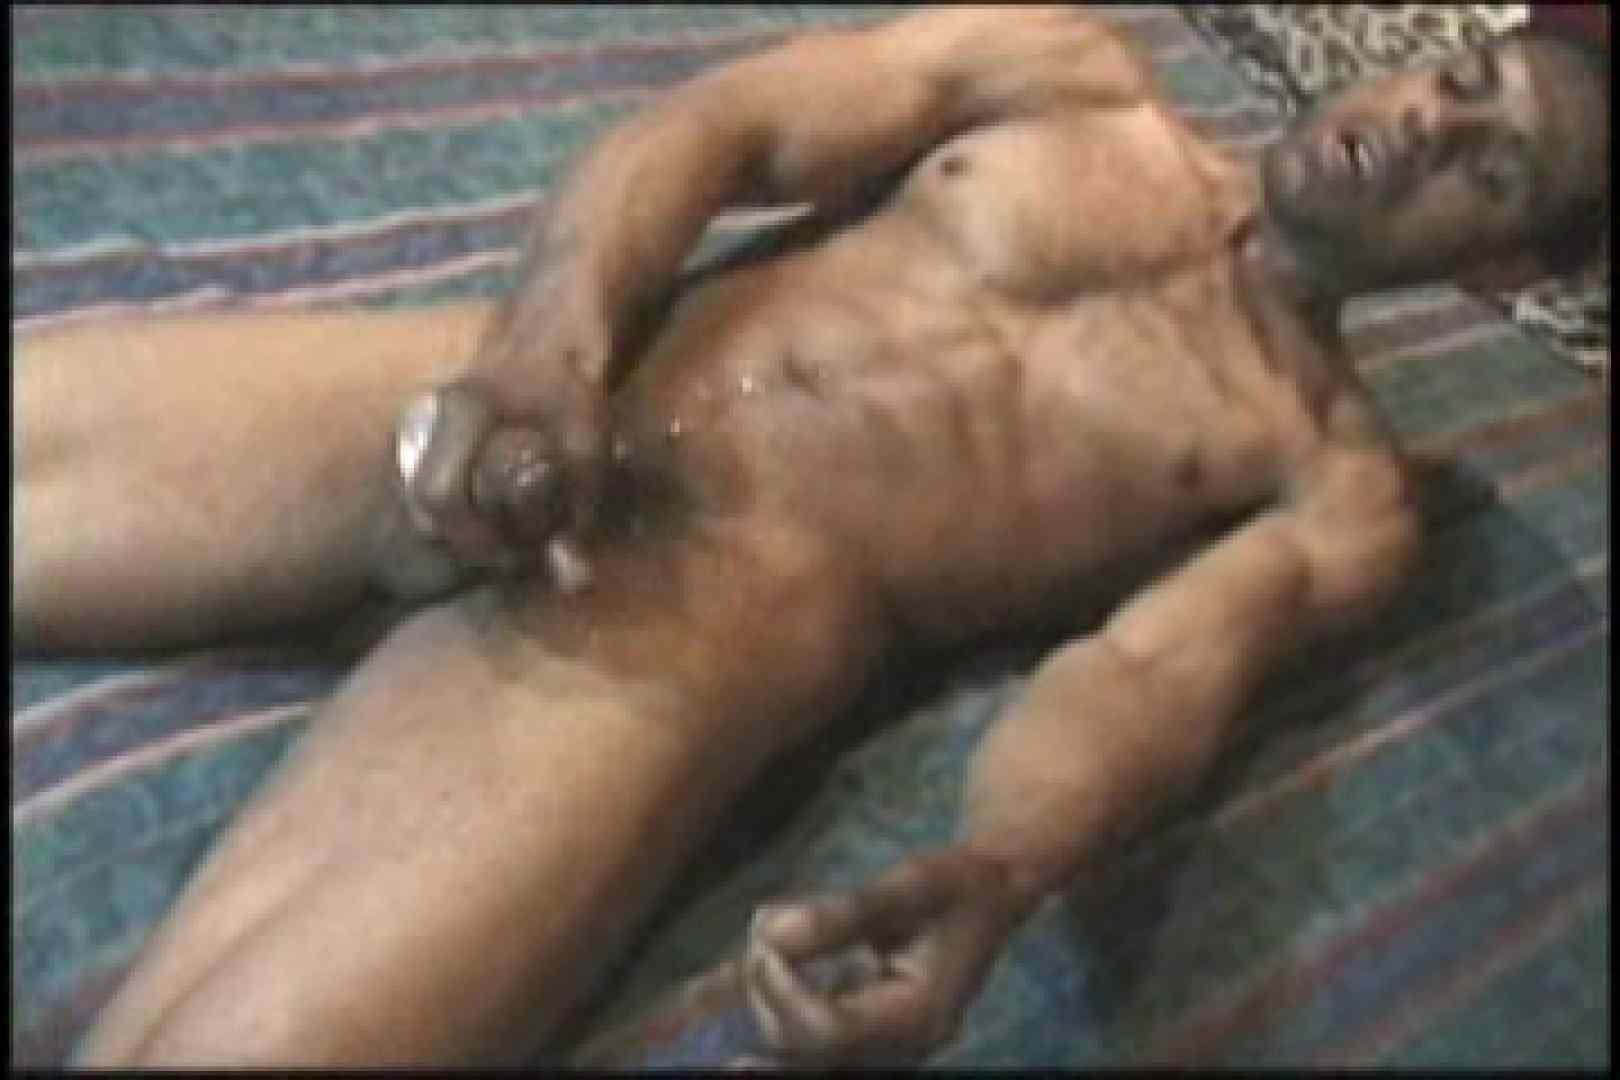 ファンキーな黒人さん!!BLACK POWER 01 フェラ天国 | ゲイのオナニー映像  107枚 61